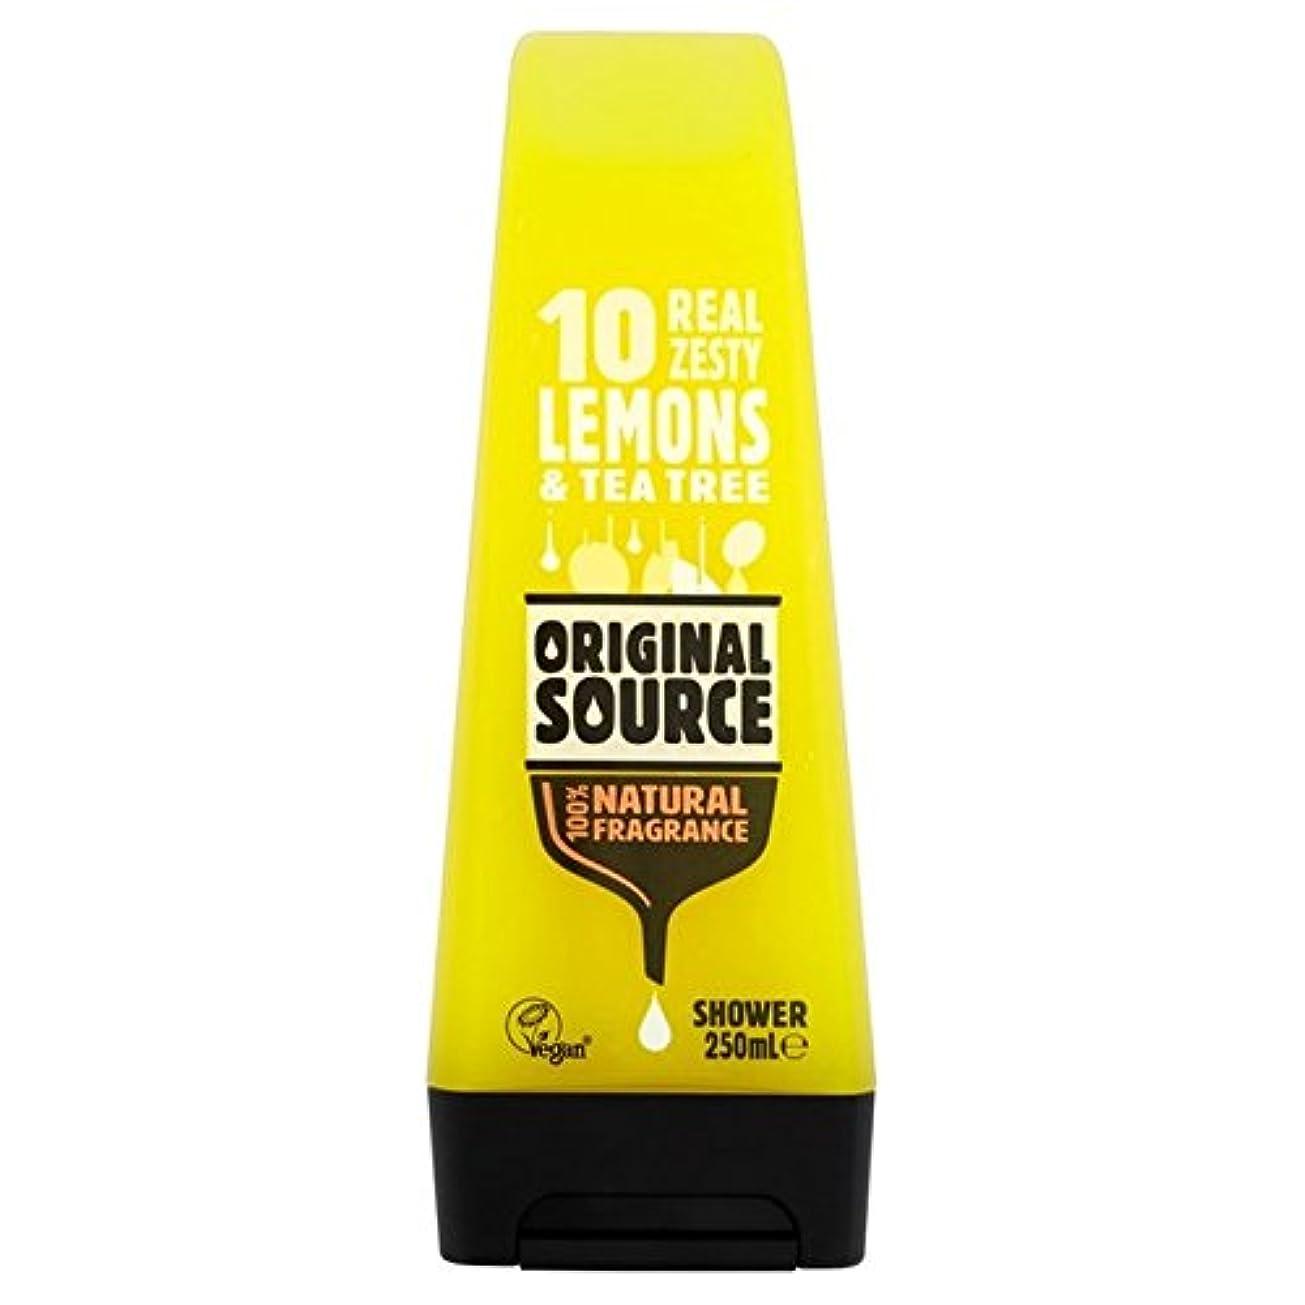 広告する従う安らぎOriginal Source Lemon Shower Gel 250ml (Pack of 6) - 元のソースのレモンシャワージェル250ミリリットル x6 [並行輸入品]